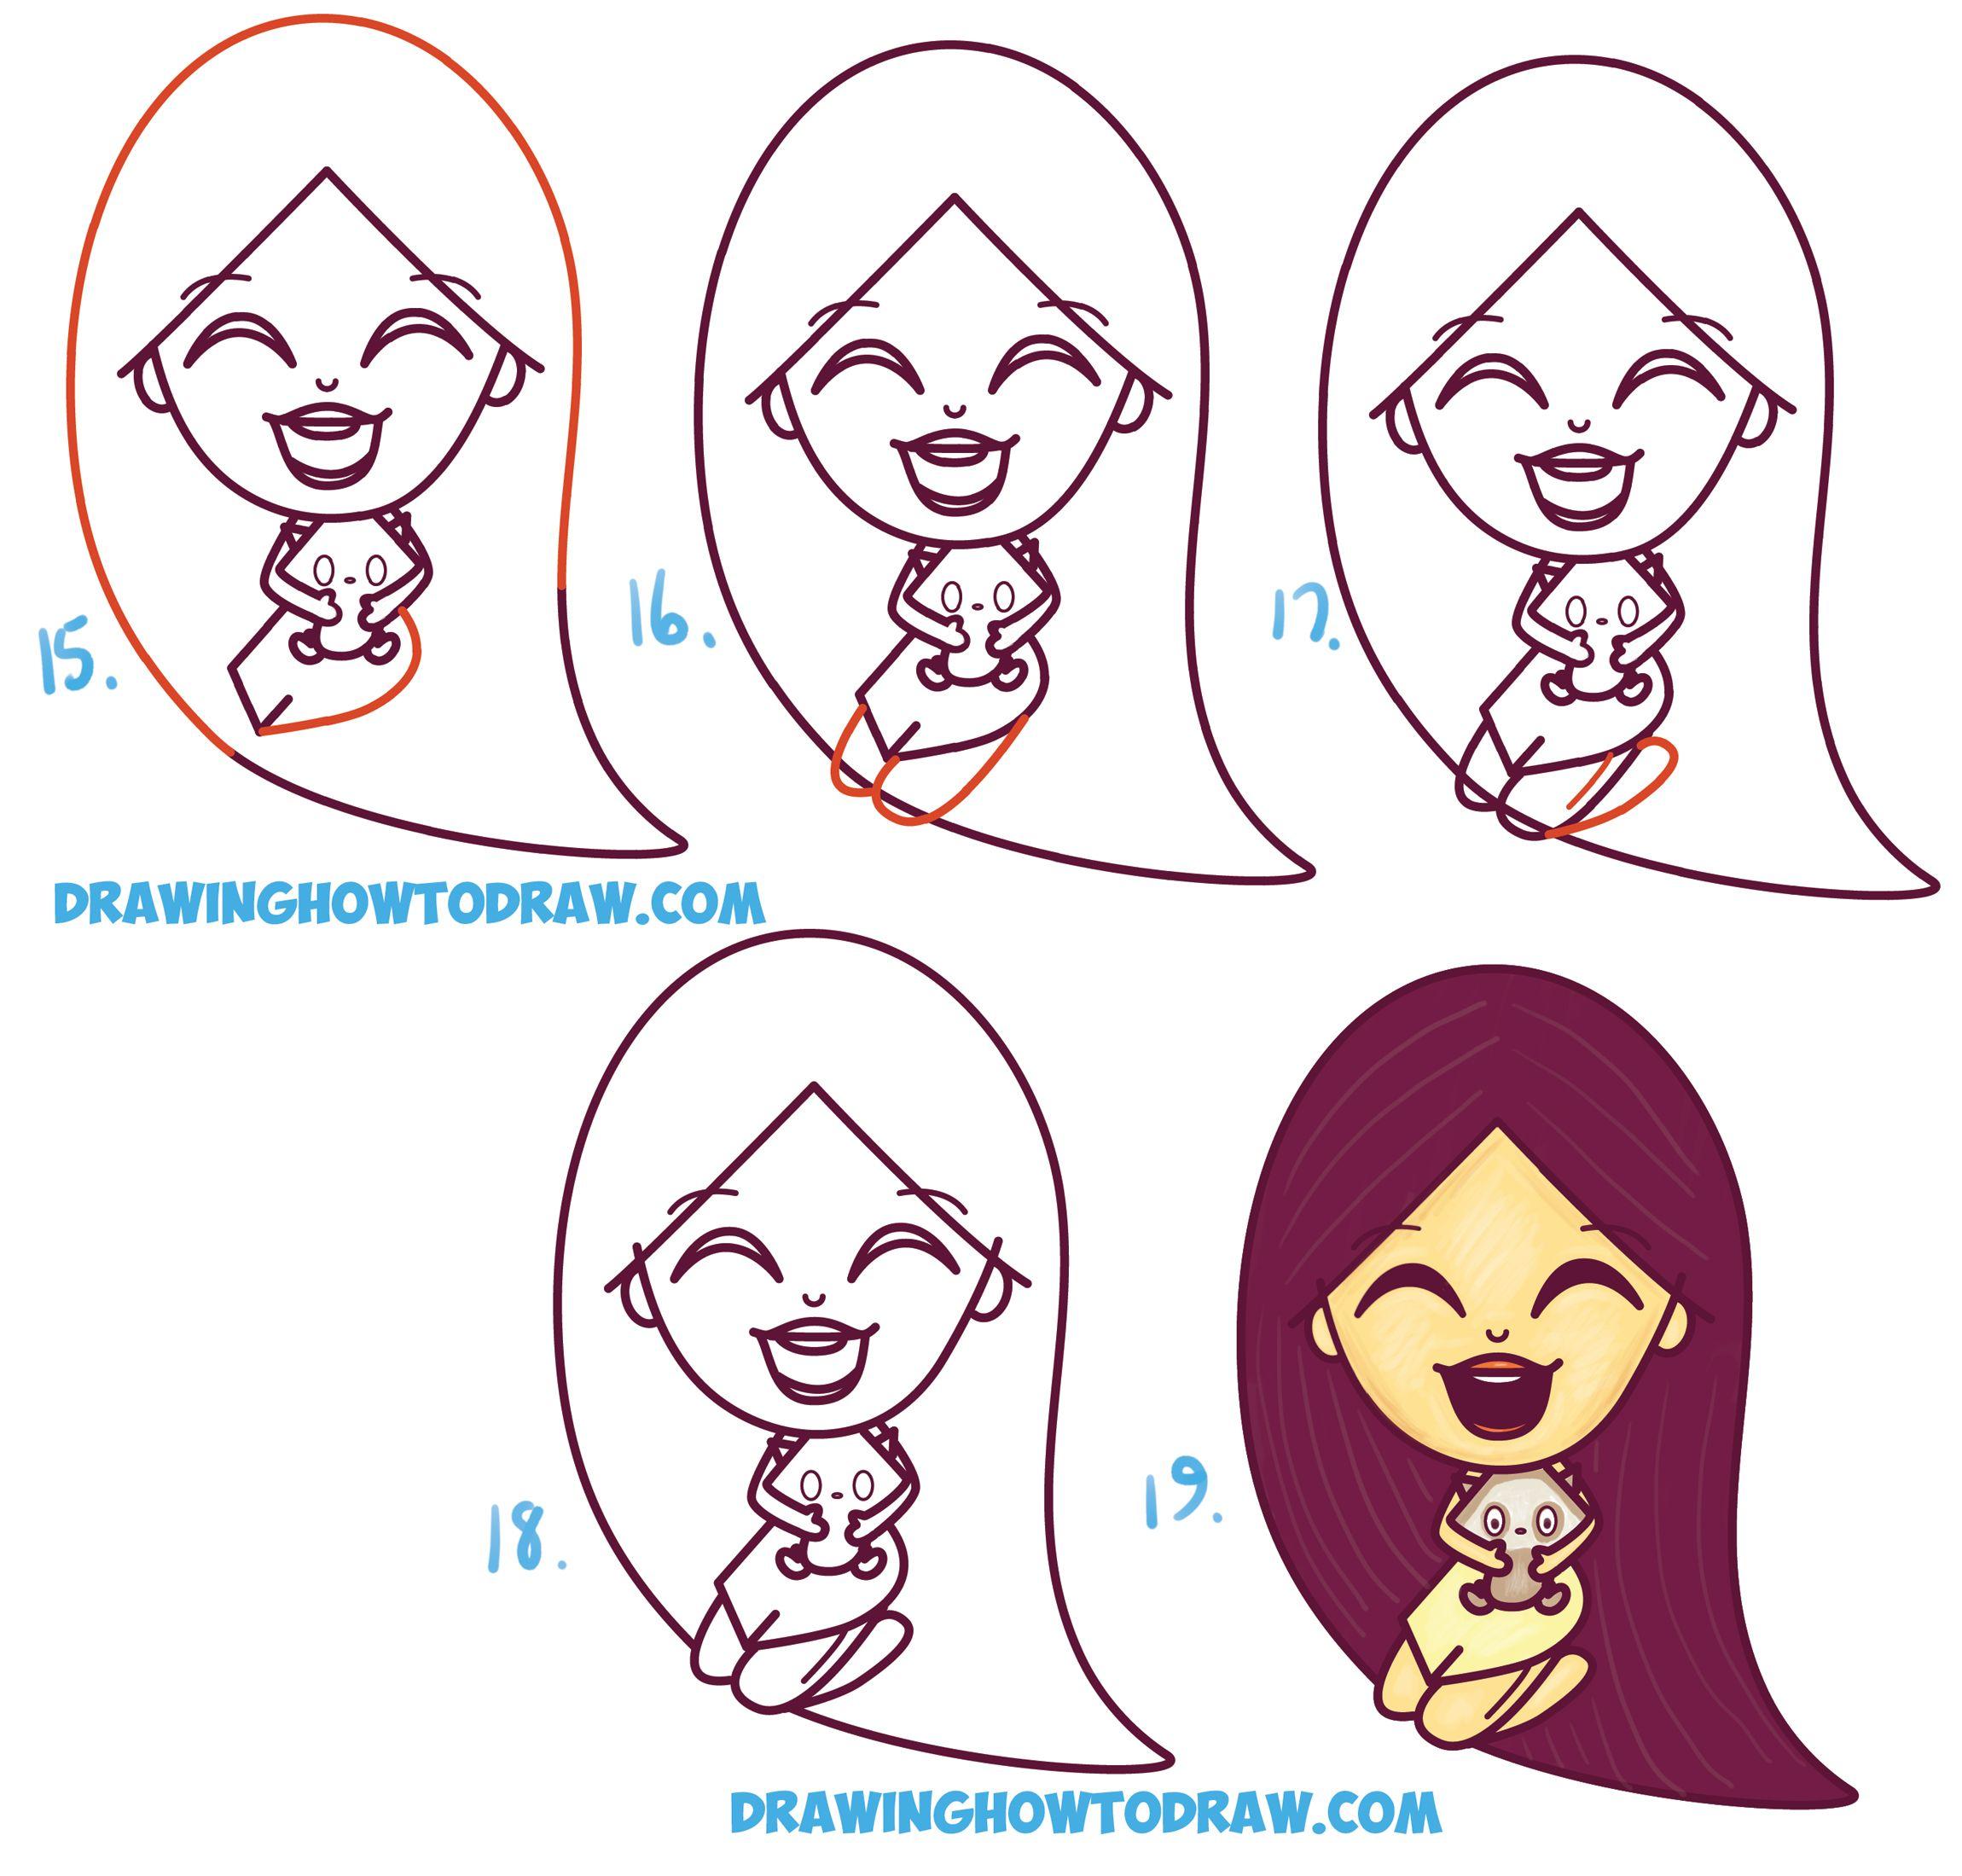 How To Draw A Cute Kawaii Chibi Pocahontas And Meeko Easy Step